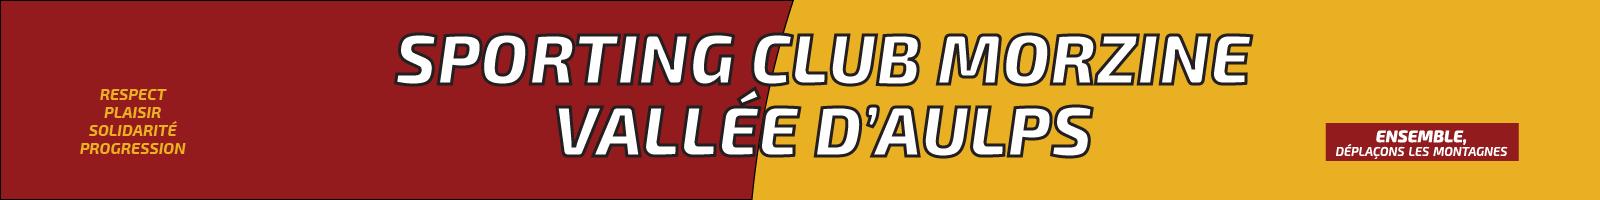 Sporting Club Morzine Vallée d'Aulps